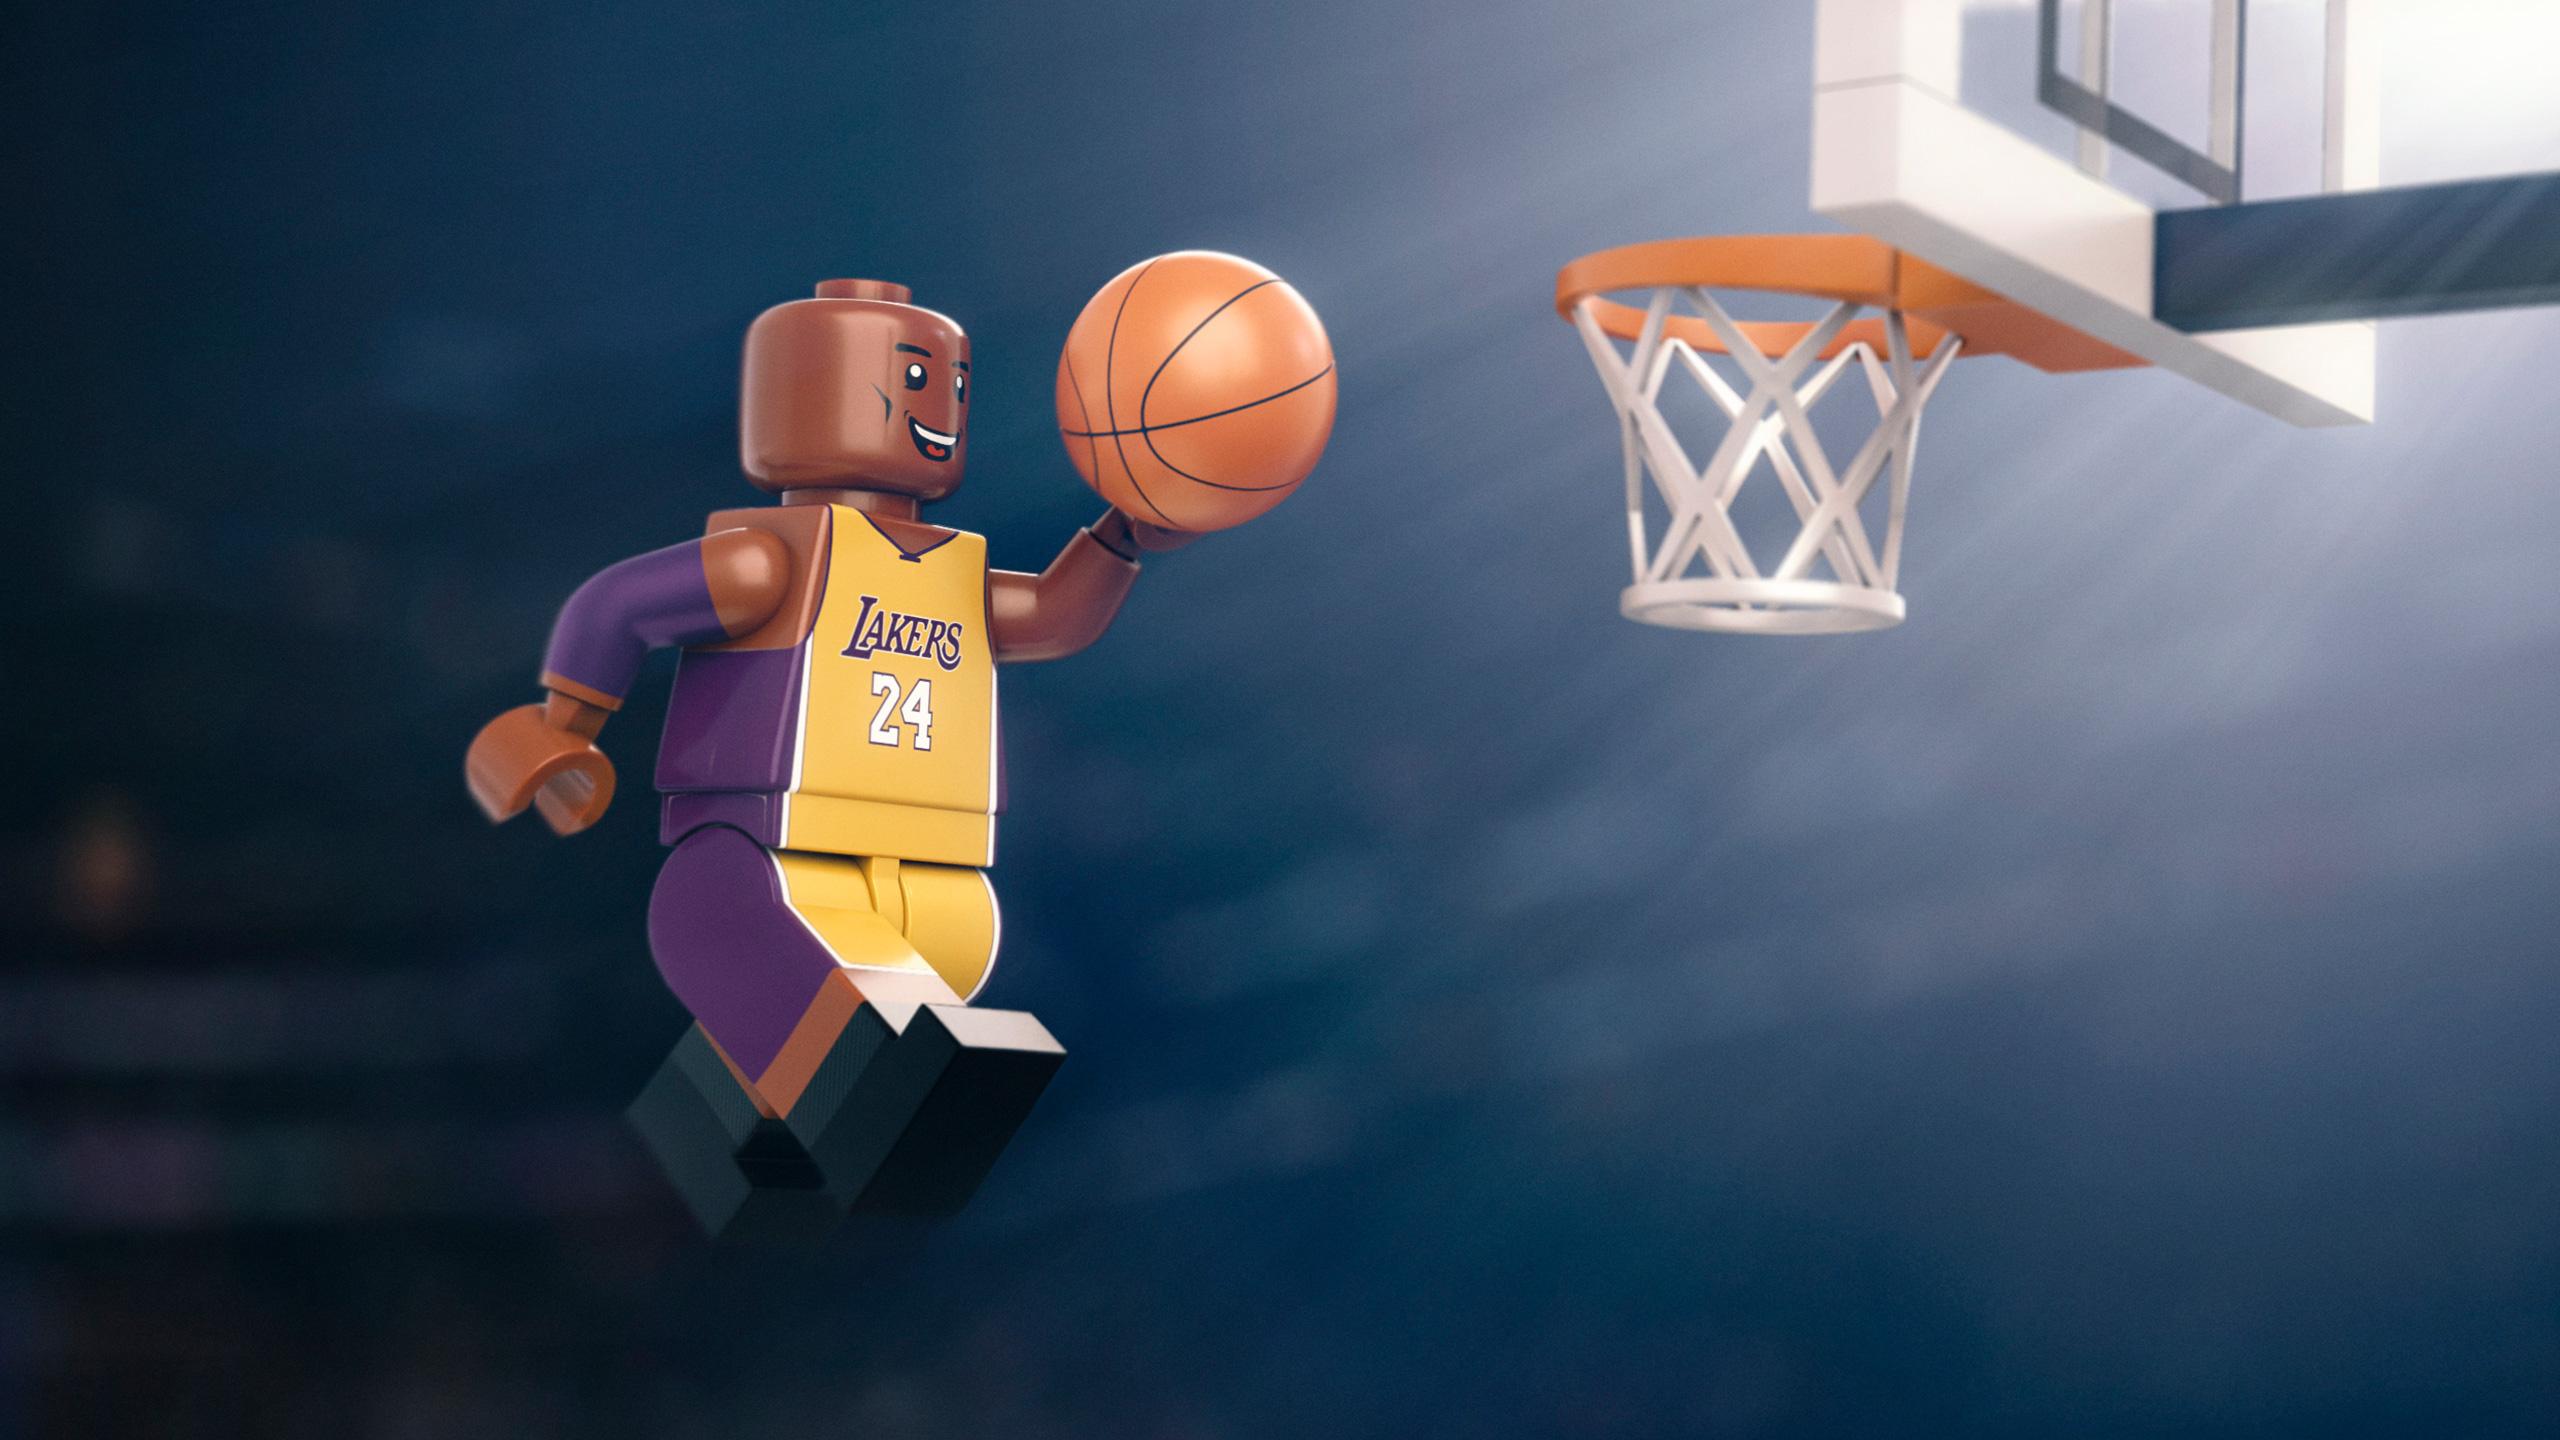 LEGO_Dunk